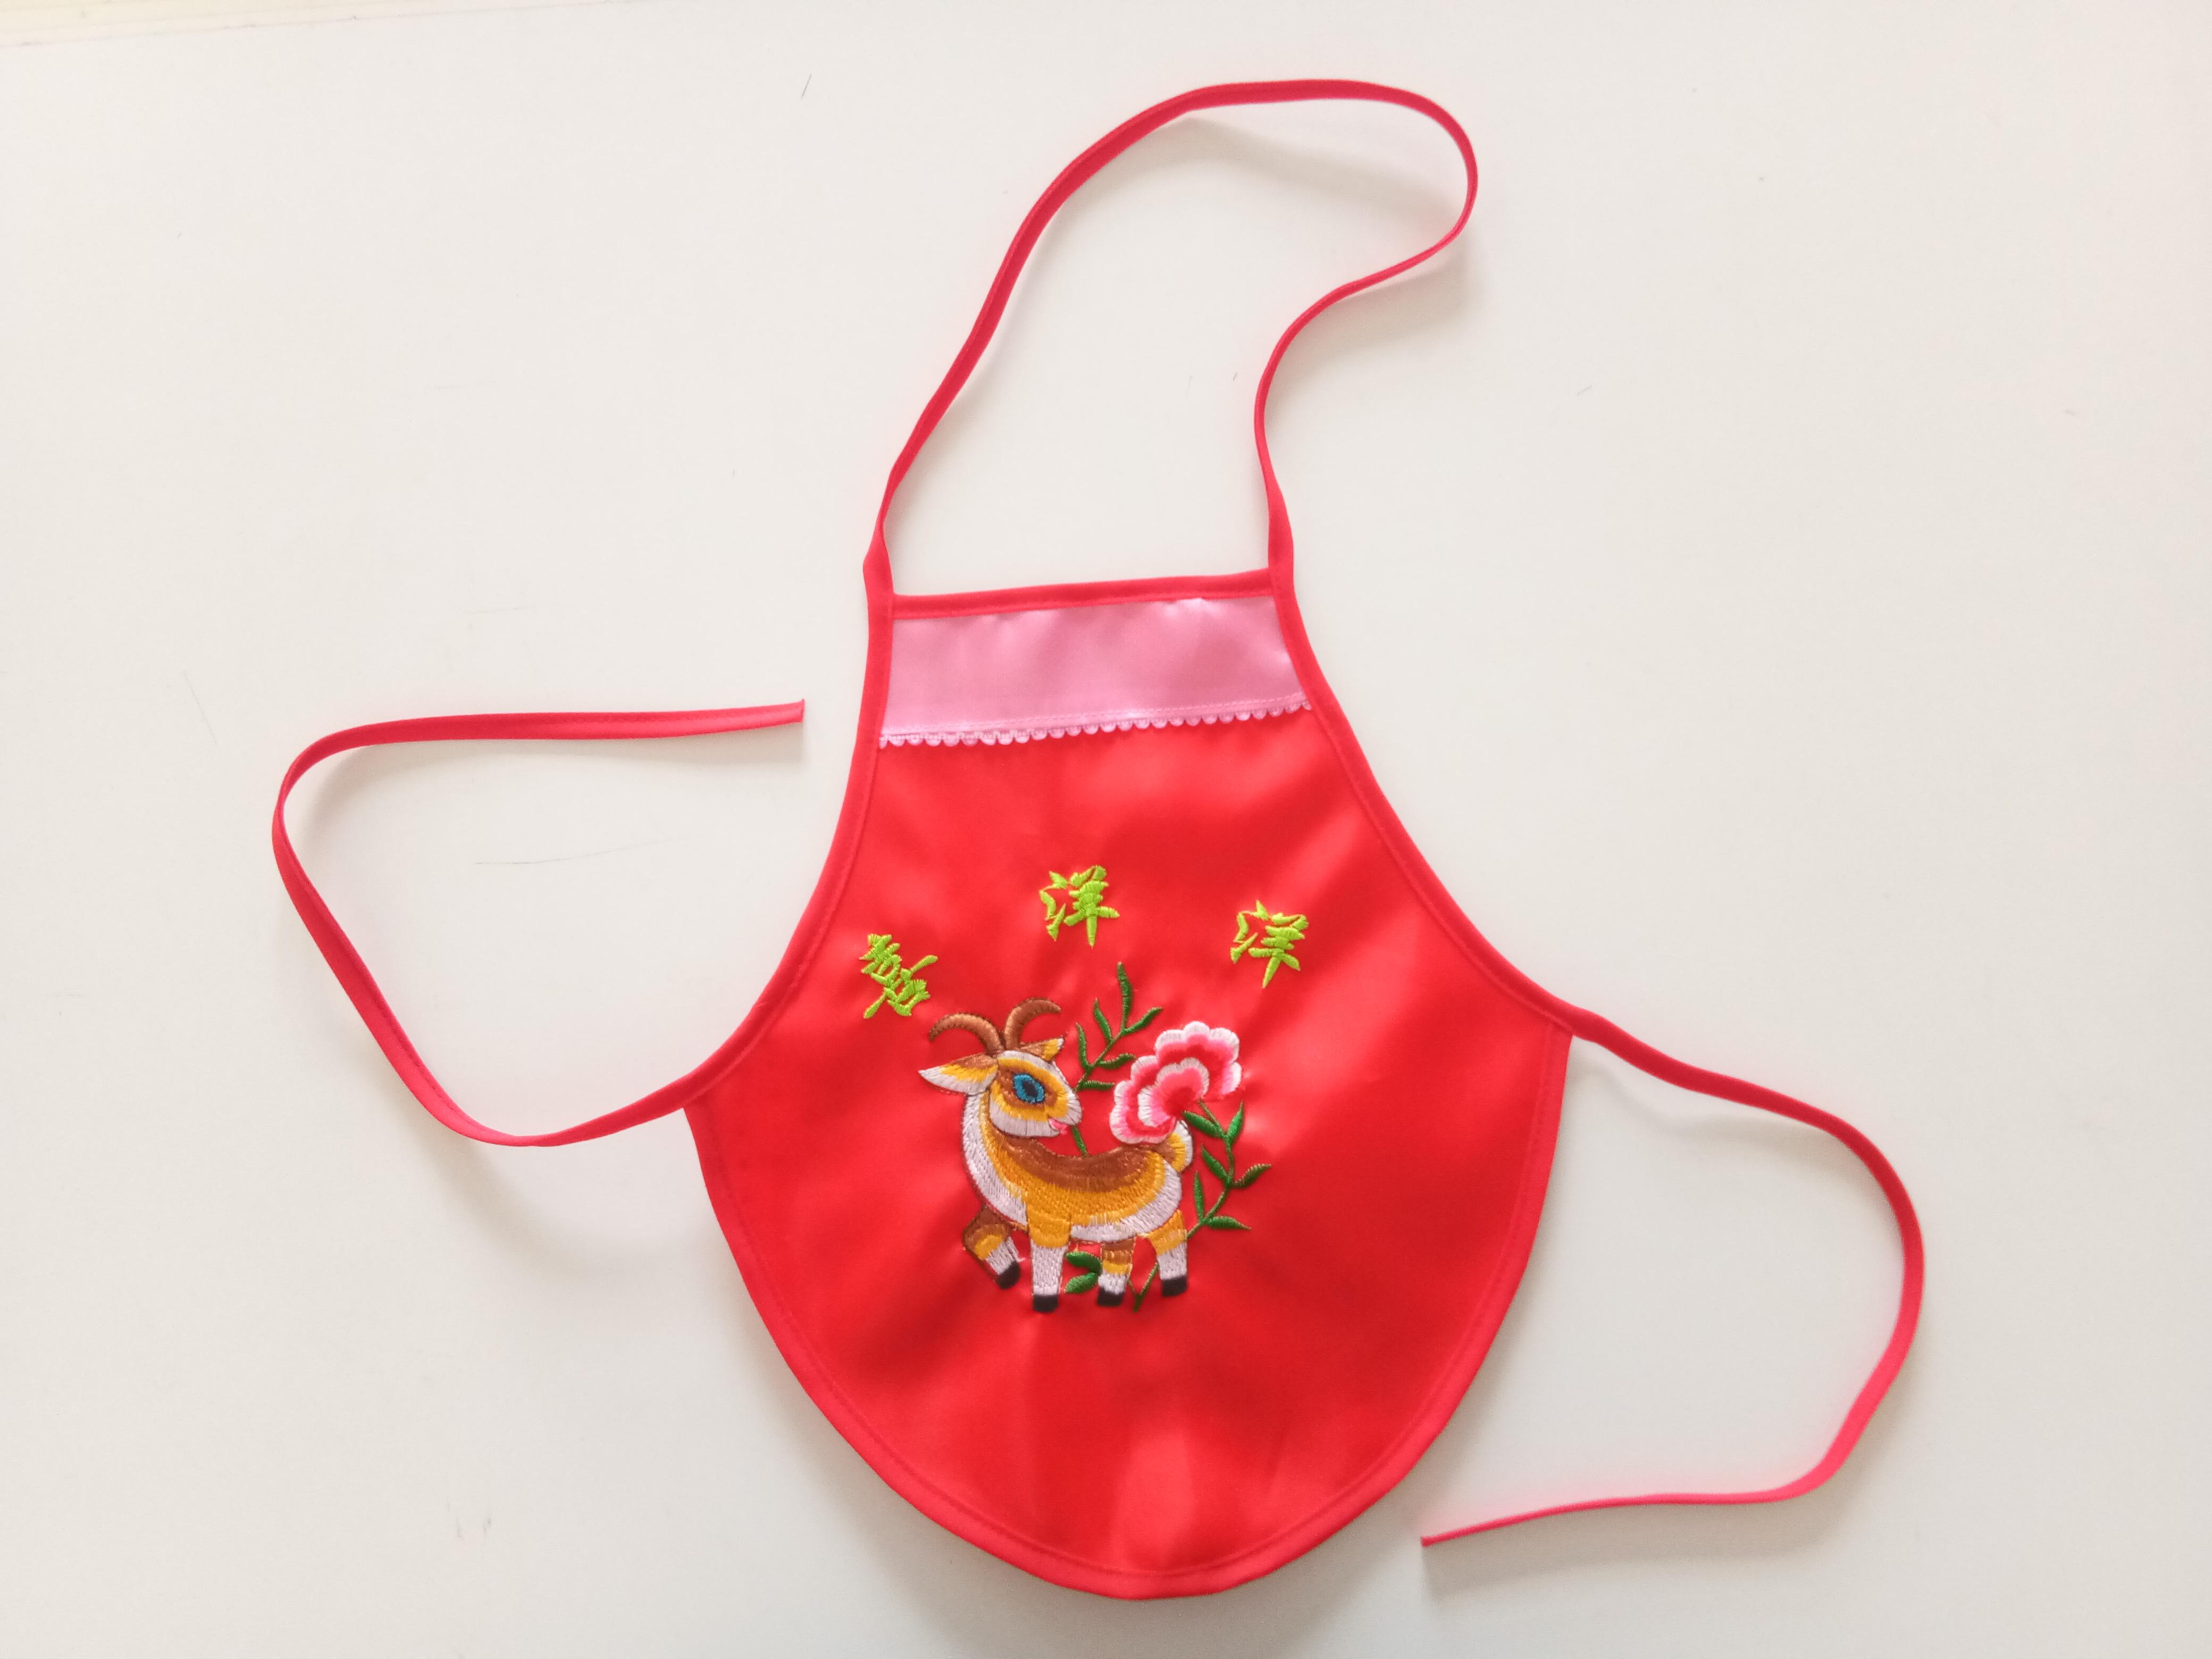 羊大红婴儿绣花肚兜 宝宝肚兜肚围 绸缎刺绣婴儿肚兜